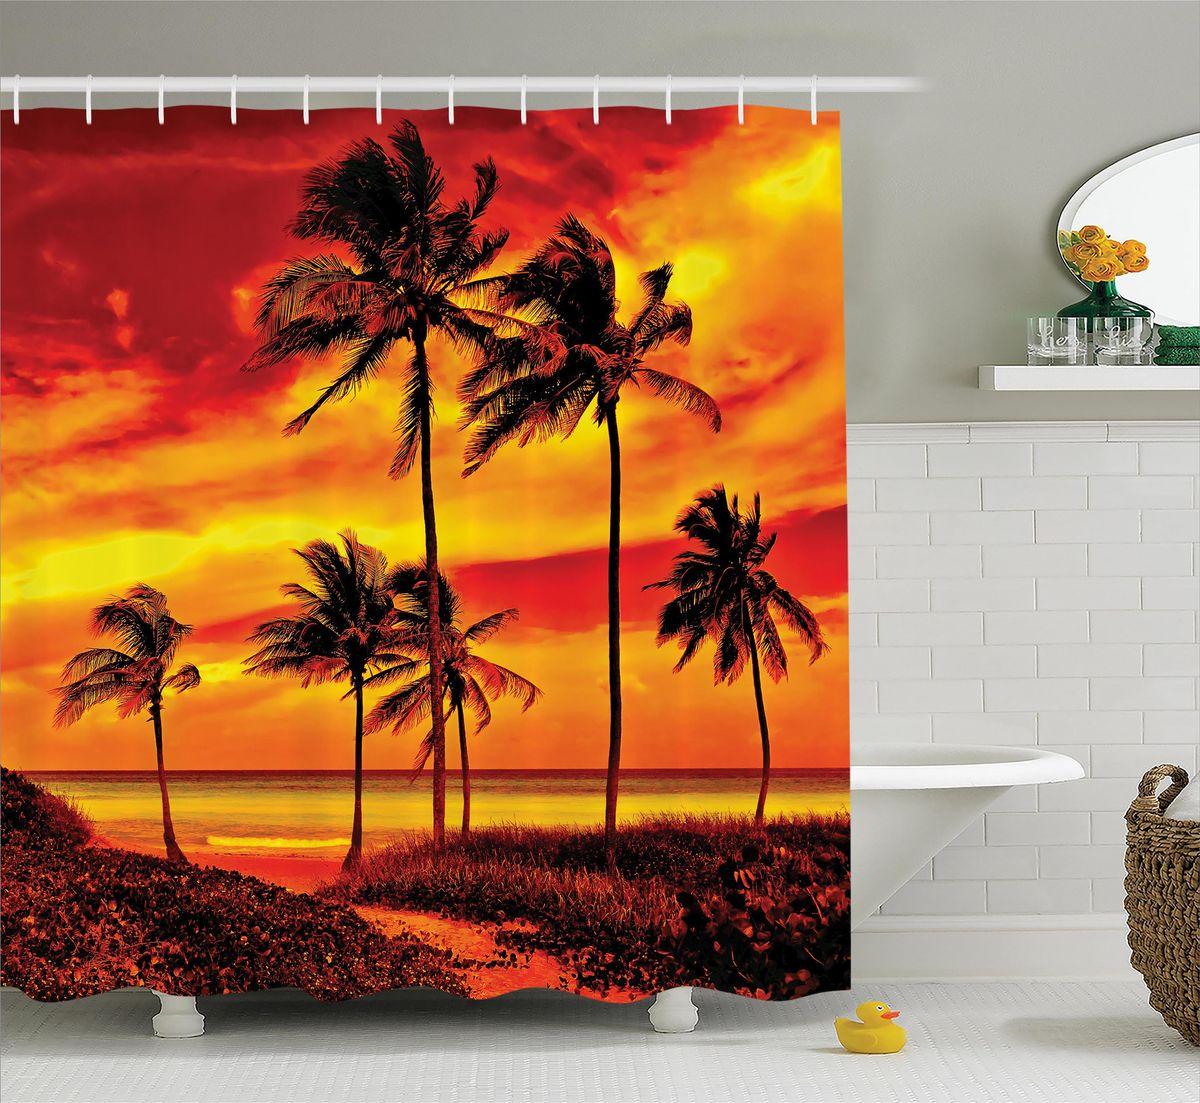 Штора для ванной комнаты Magic Lady Алый закат на пляже, 180 х 200 см531-105Штора Magic Lady Алый закат на пляже, изготовленная из высококачественного сатена (полиэстер 100%), отлично дополнит любой интерьер ванной комнаты. При изготовлении используются специальные гипоаллергенные чернила для прямой печати по ткани, безопасные для человека. В комплекте: 1 штора, 12 крючков. Обращаем ваше внимание, фактический цвет изделия может незначительно отличаться от представленного на фото.